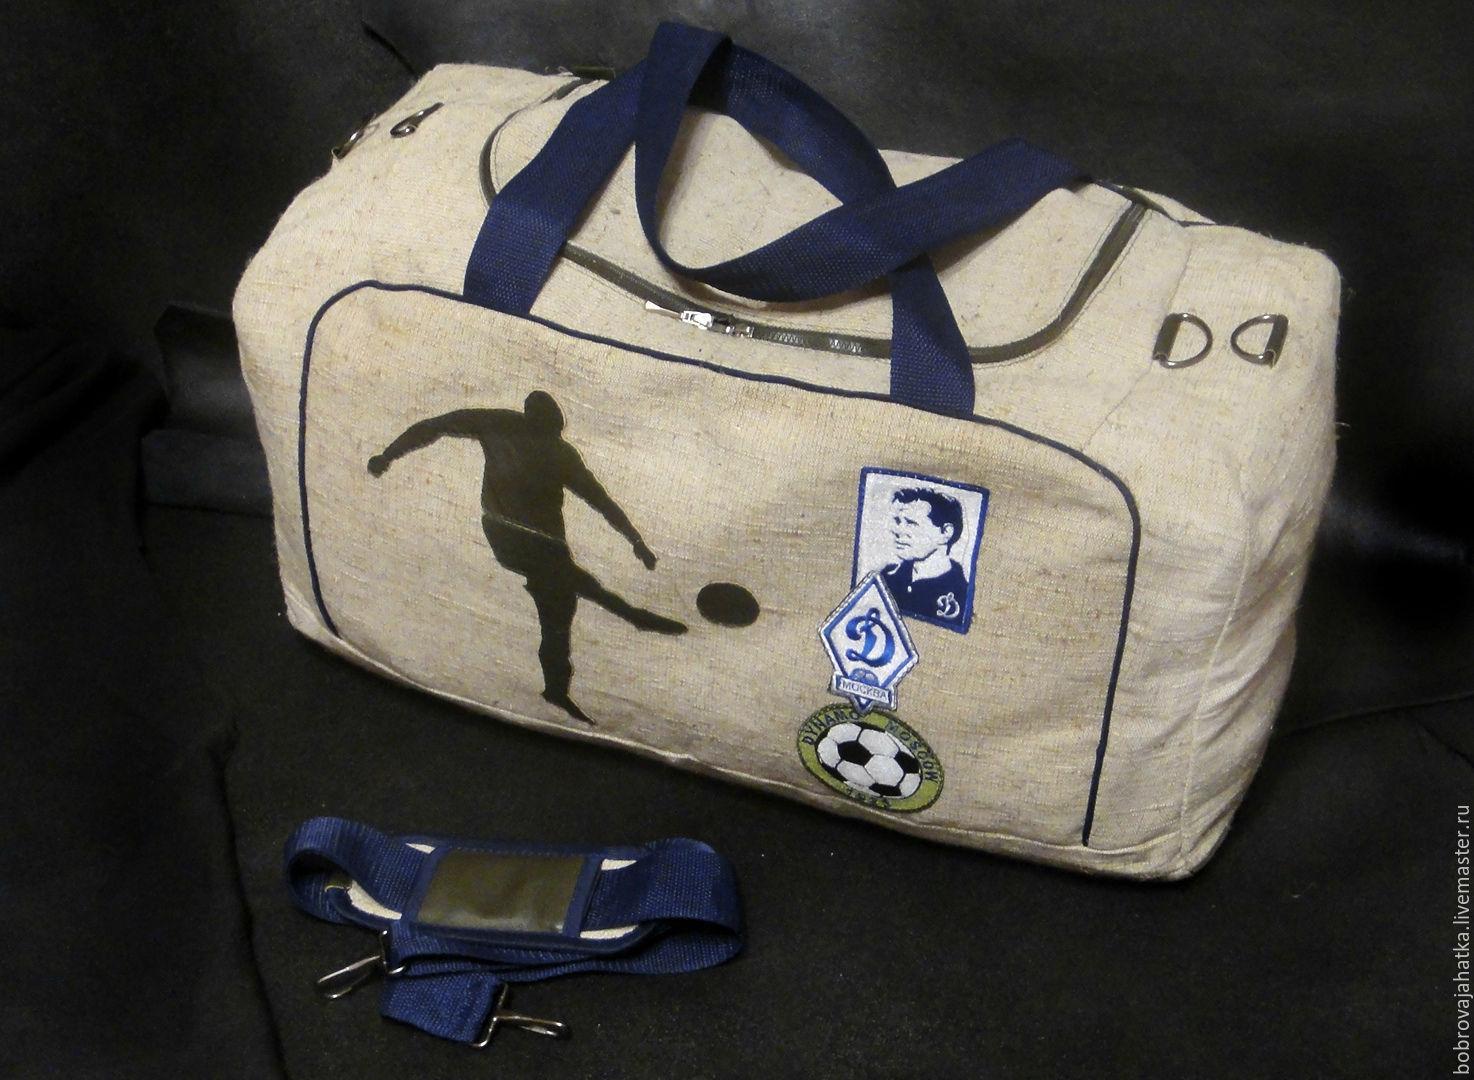 Купить спортивные сумки для футбола